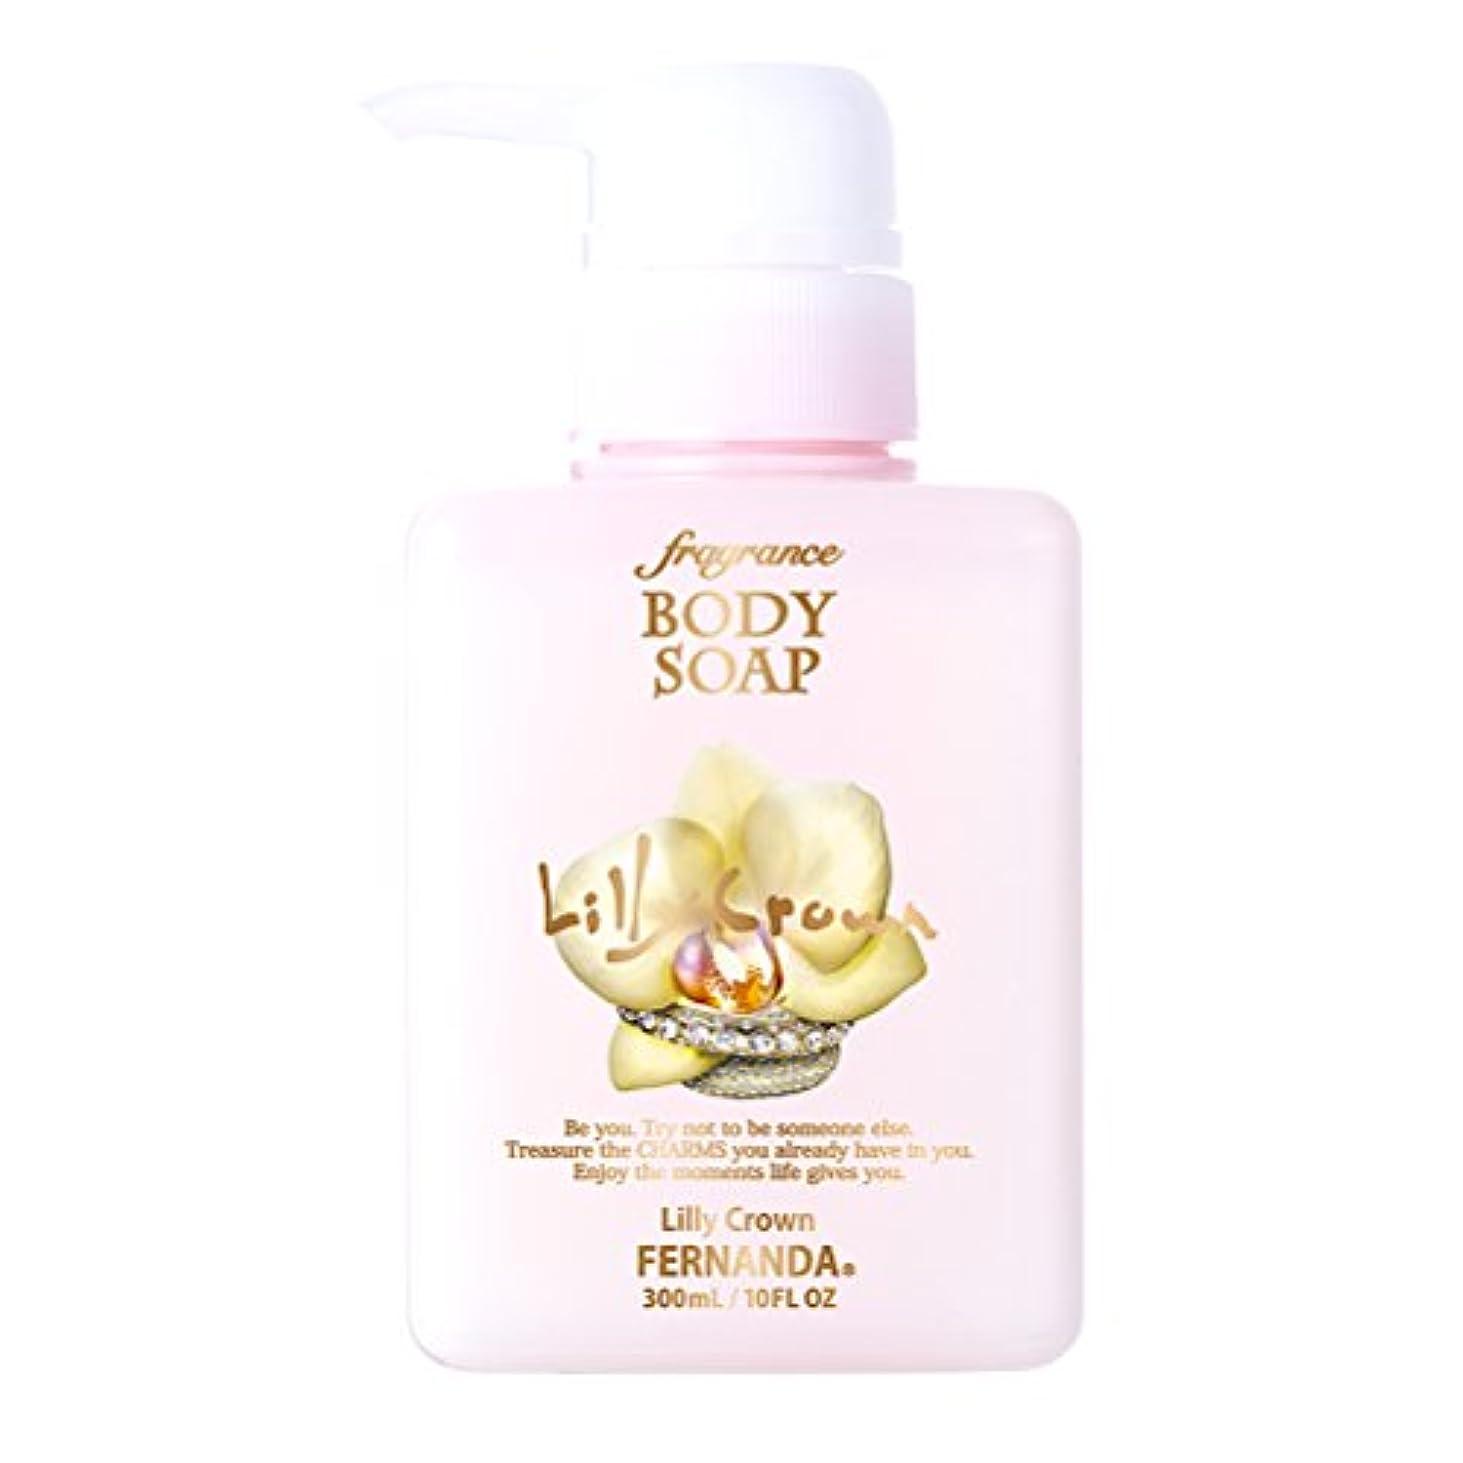 電圧拮抗のぞき見FERNANDA(フェルナンダ) Fragrance Body Soap Lilly Crown (ボディソープ リリークラウン)